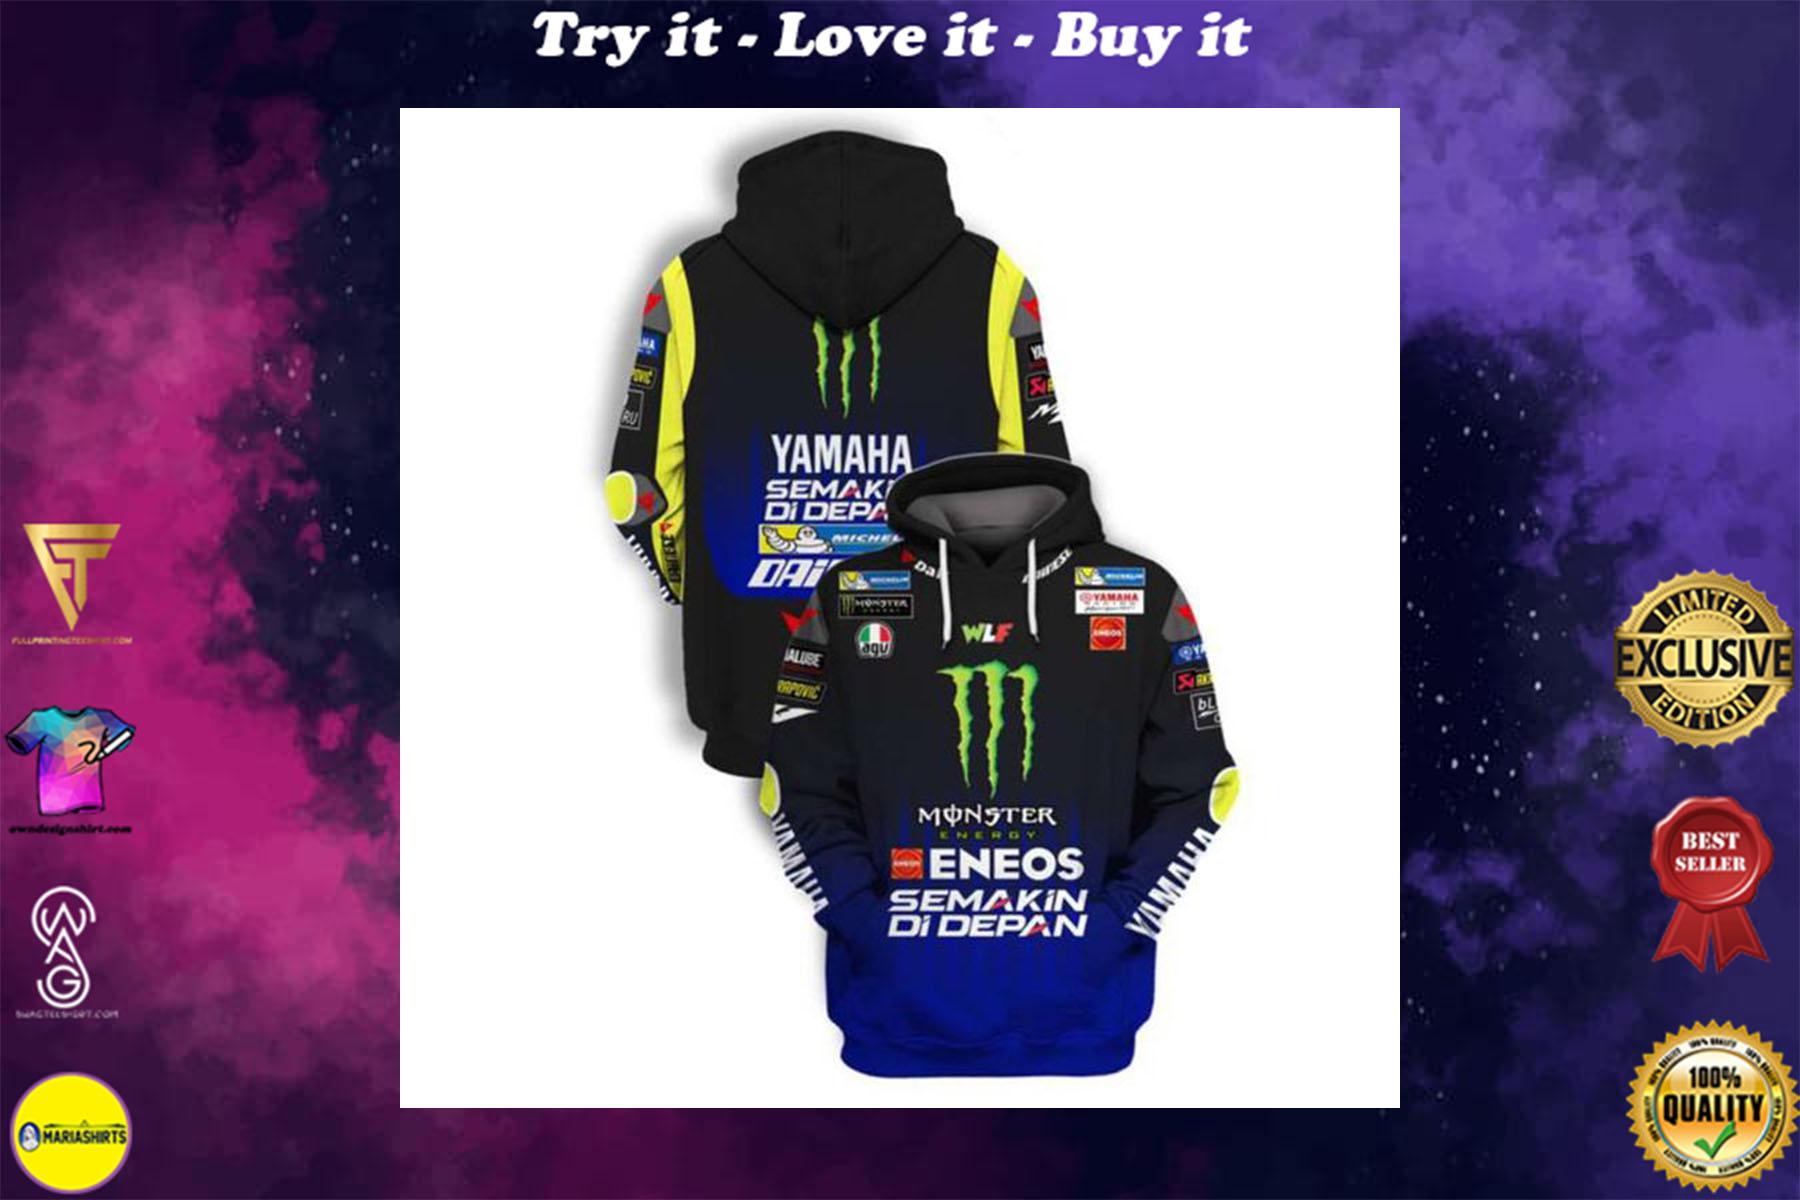 [special edition] monster energy eneos semakin di depan full printing shirt - maria